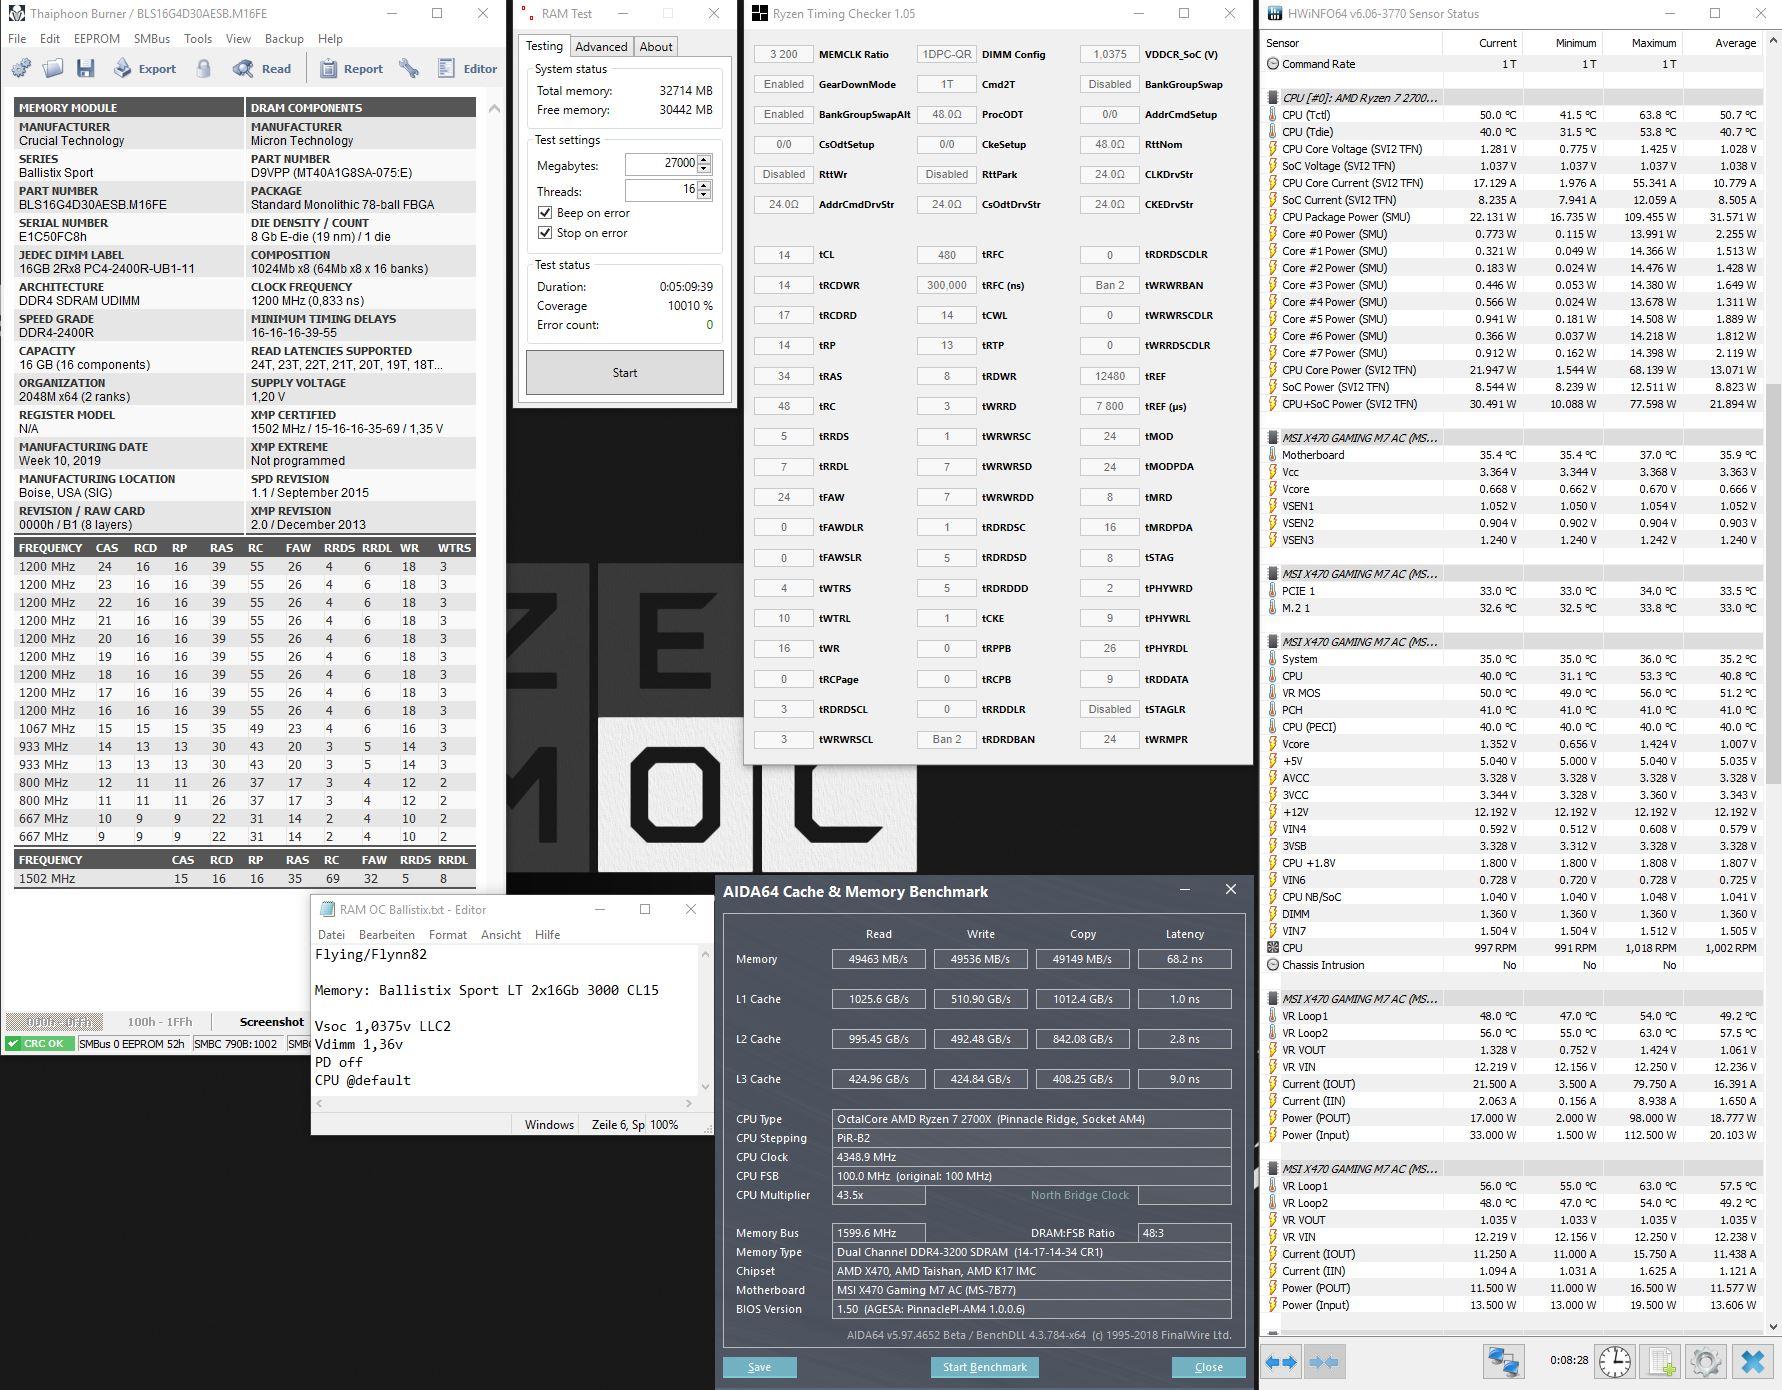 Ballistix 3200 14 1,36v karhu 10k% Bench2.jpg